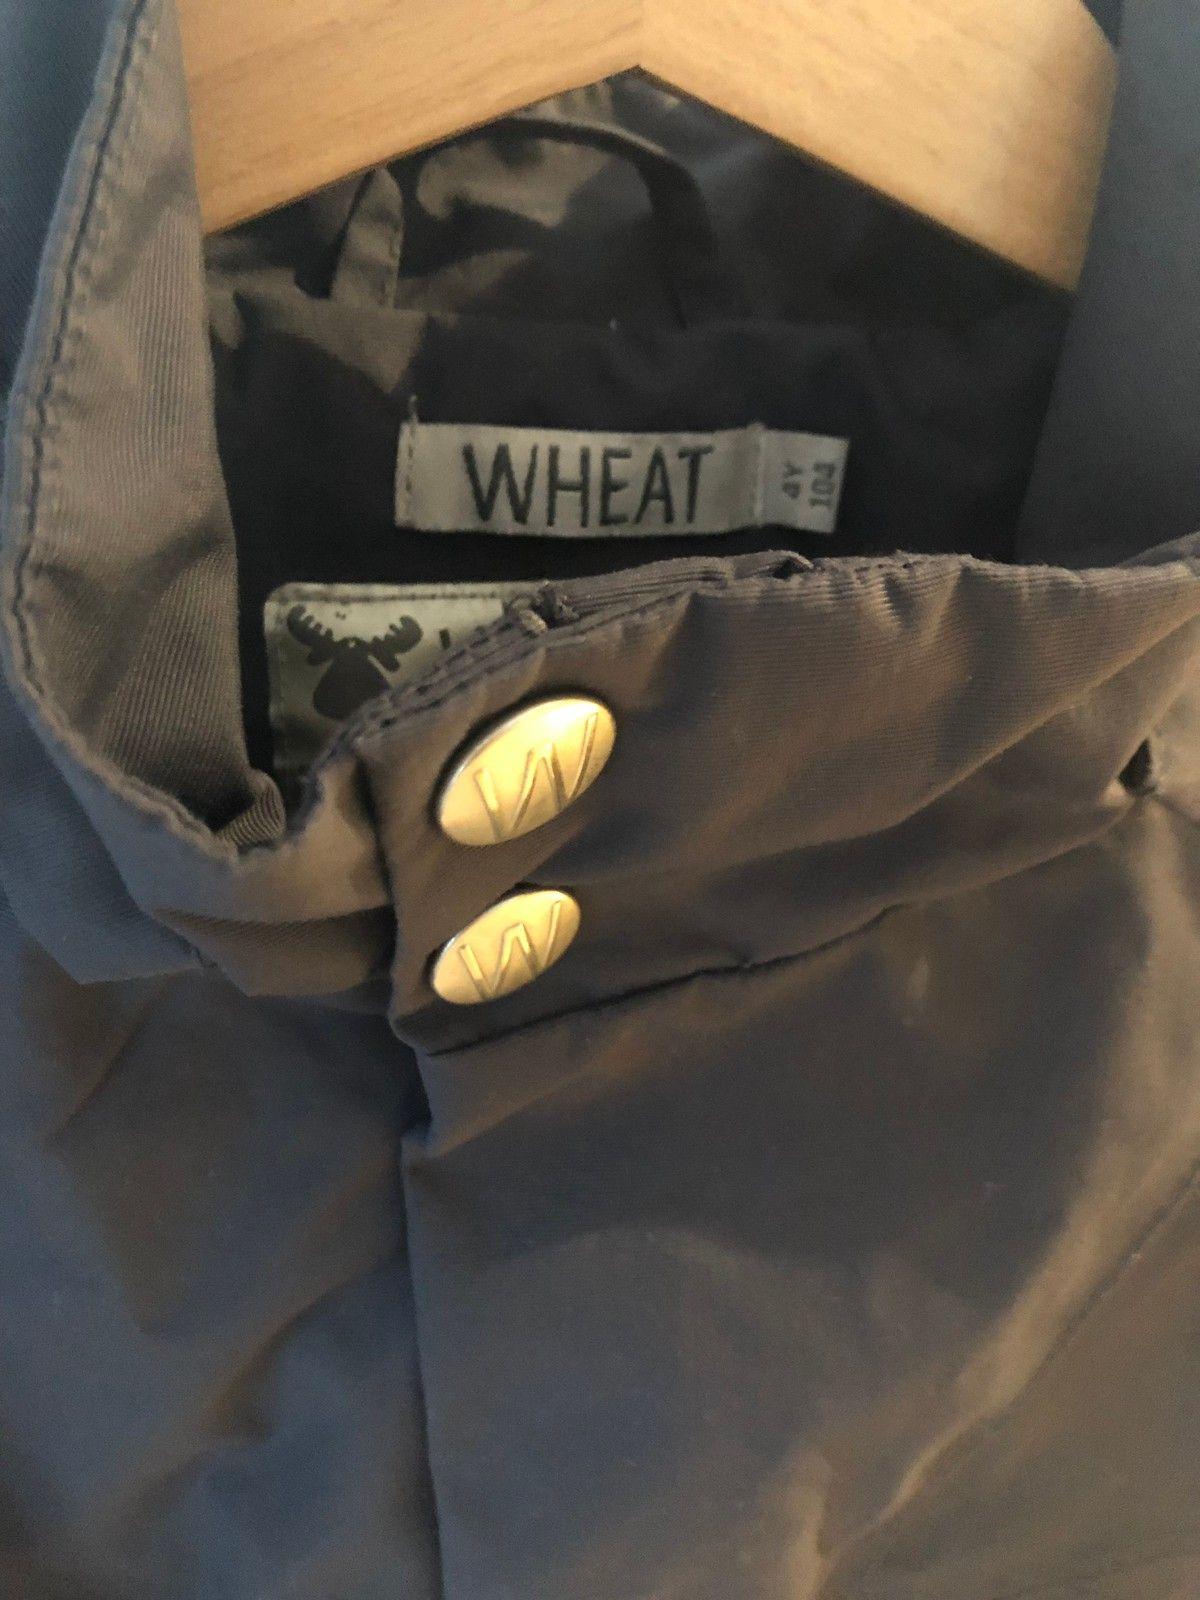 46d2f2e4 Nydelig Wheat vårjakke selges billig! | FINN.no